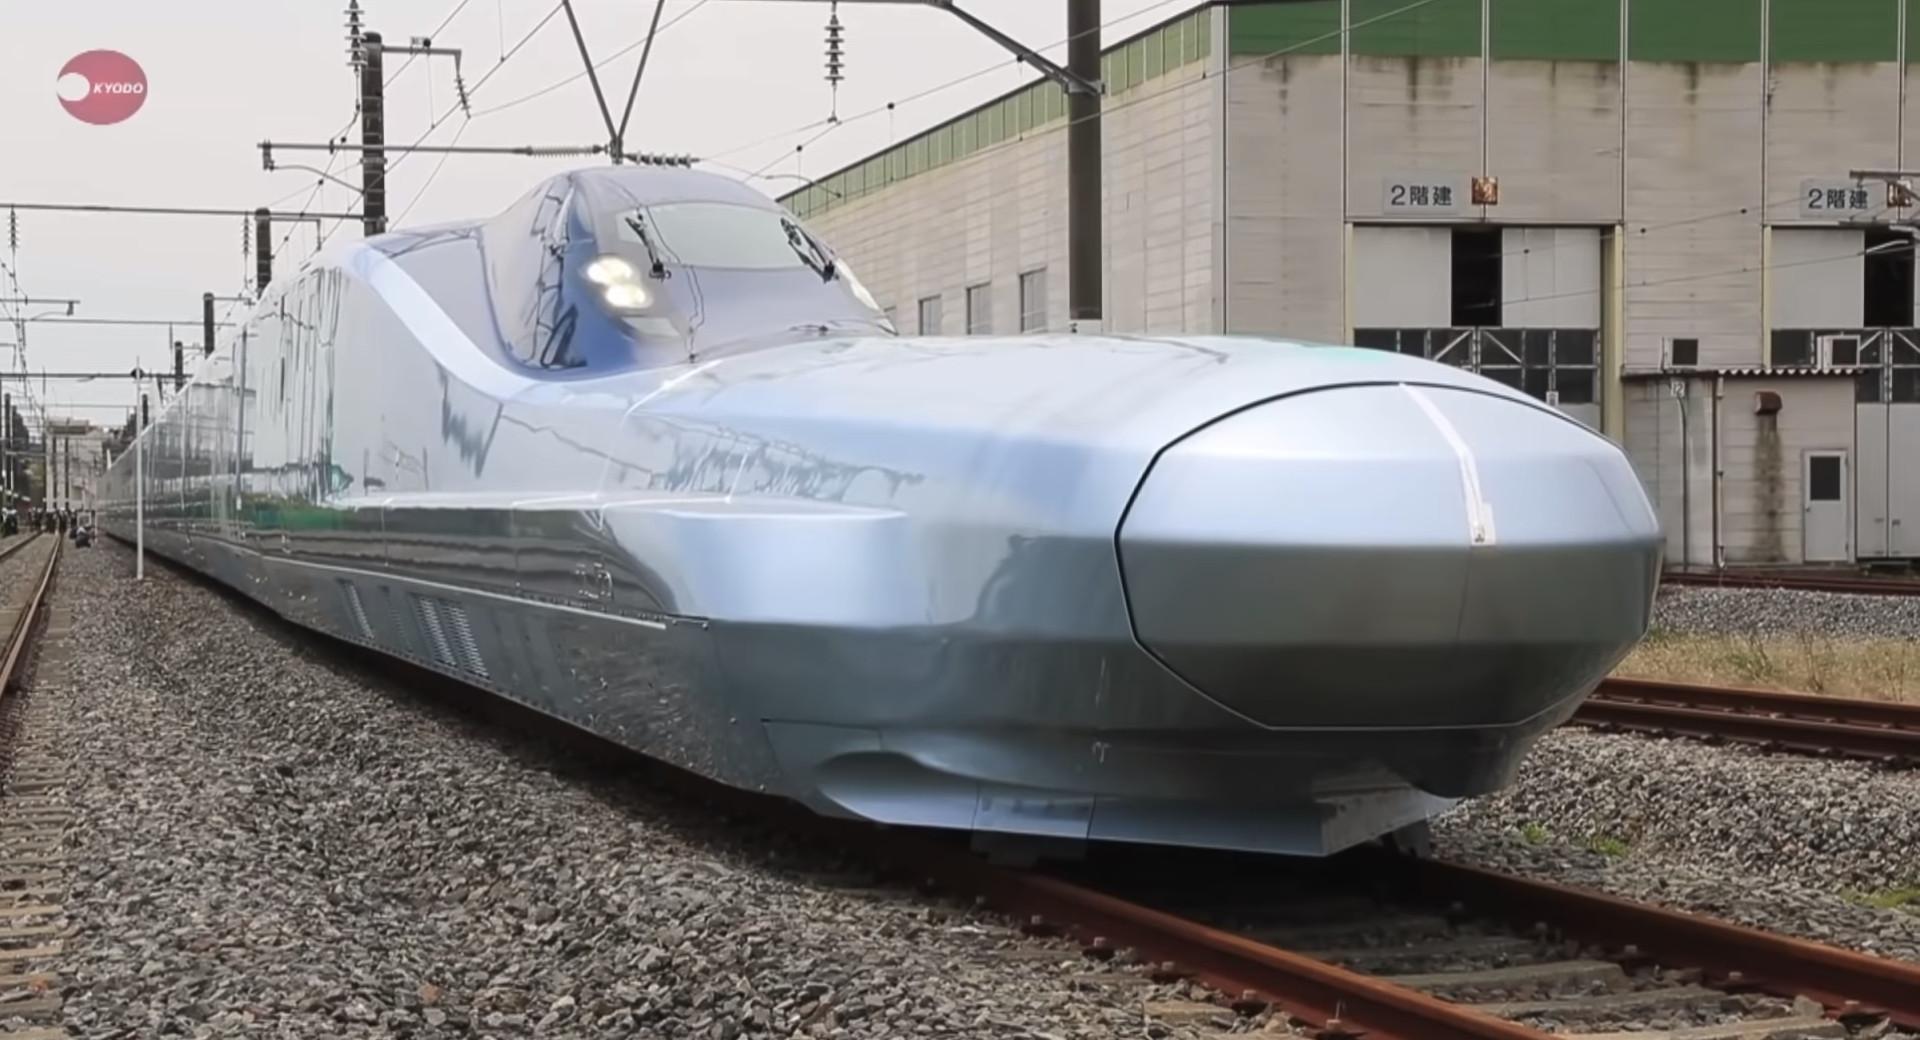 Japão desvenda comboio capaz de viajar a 400km/h